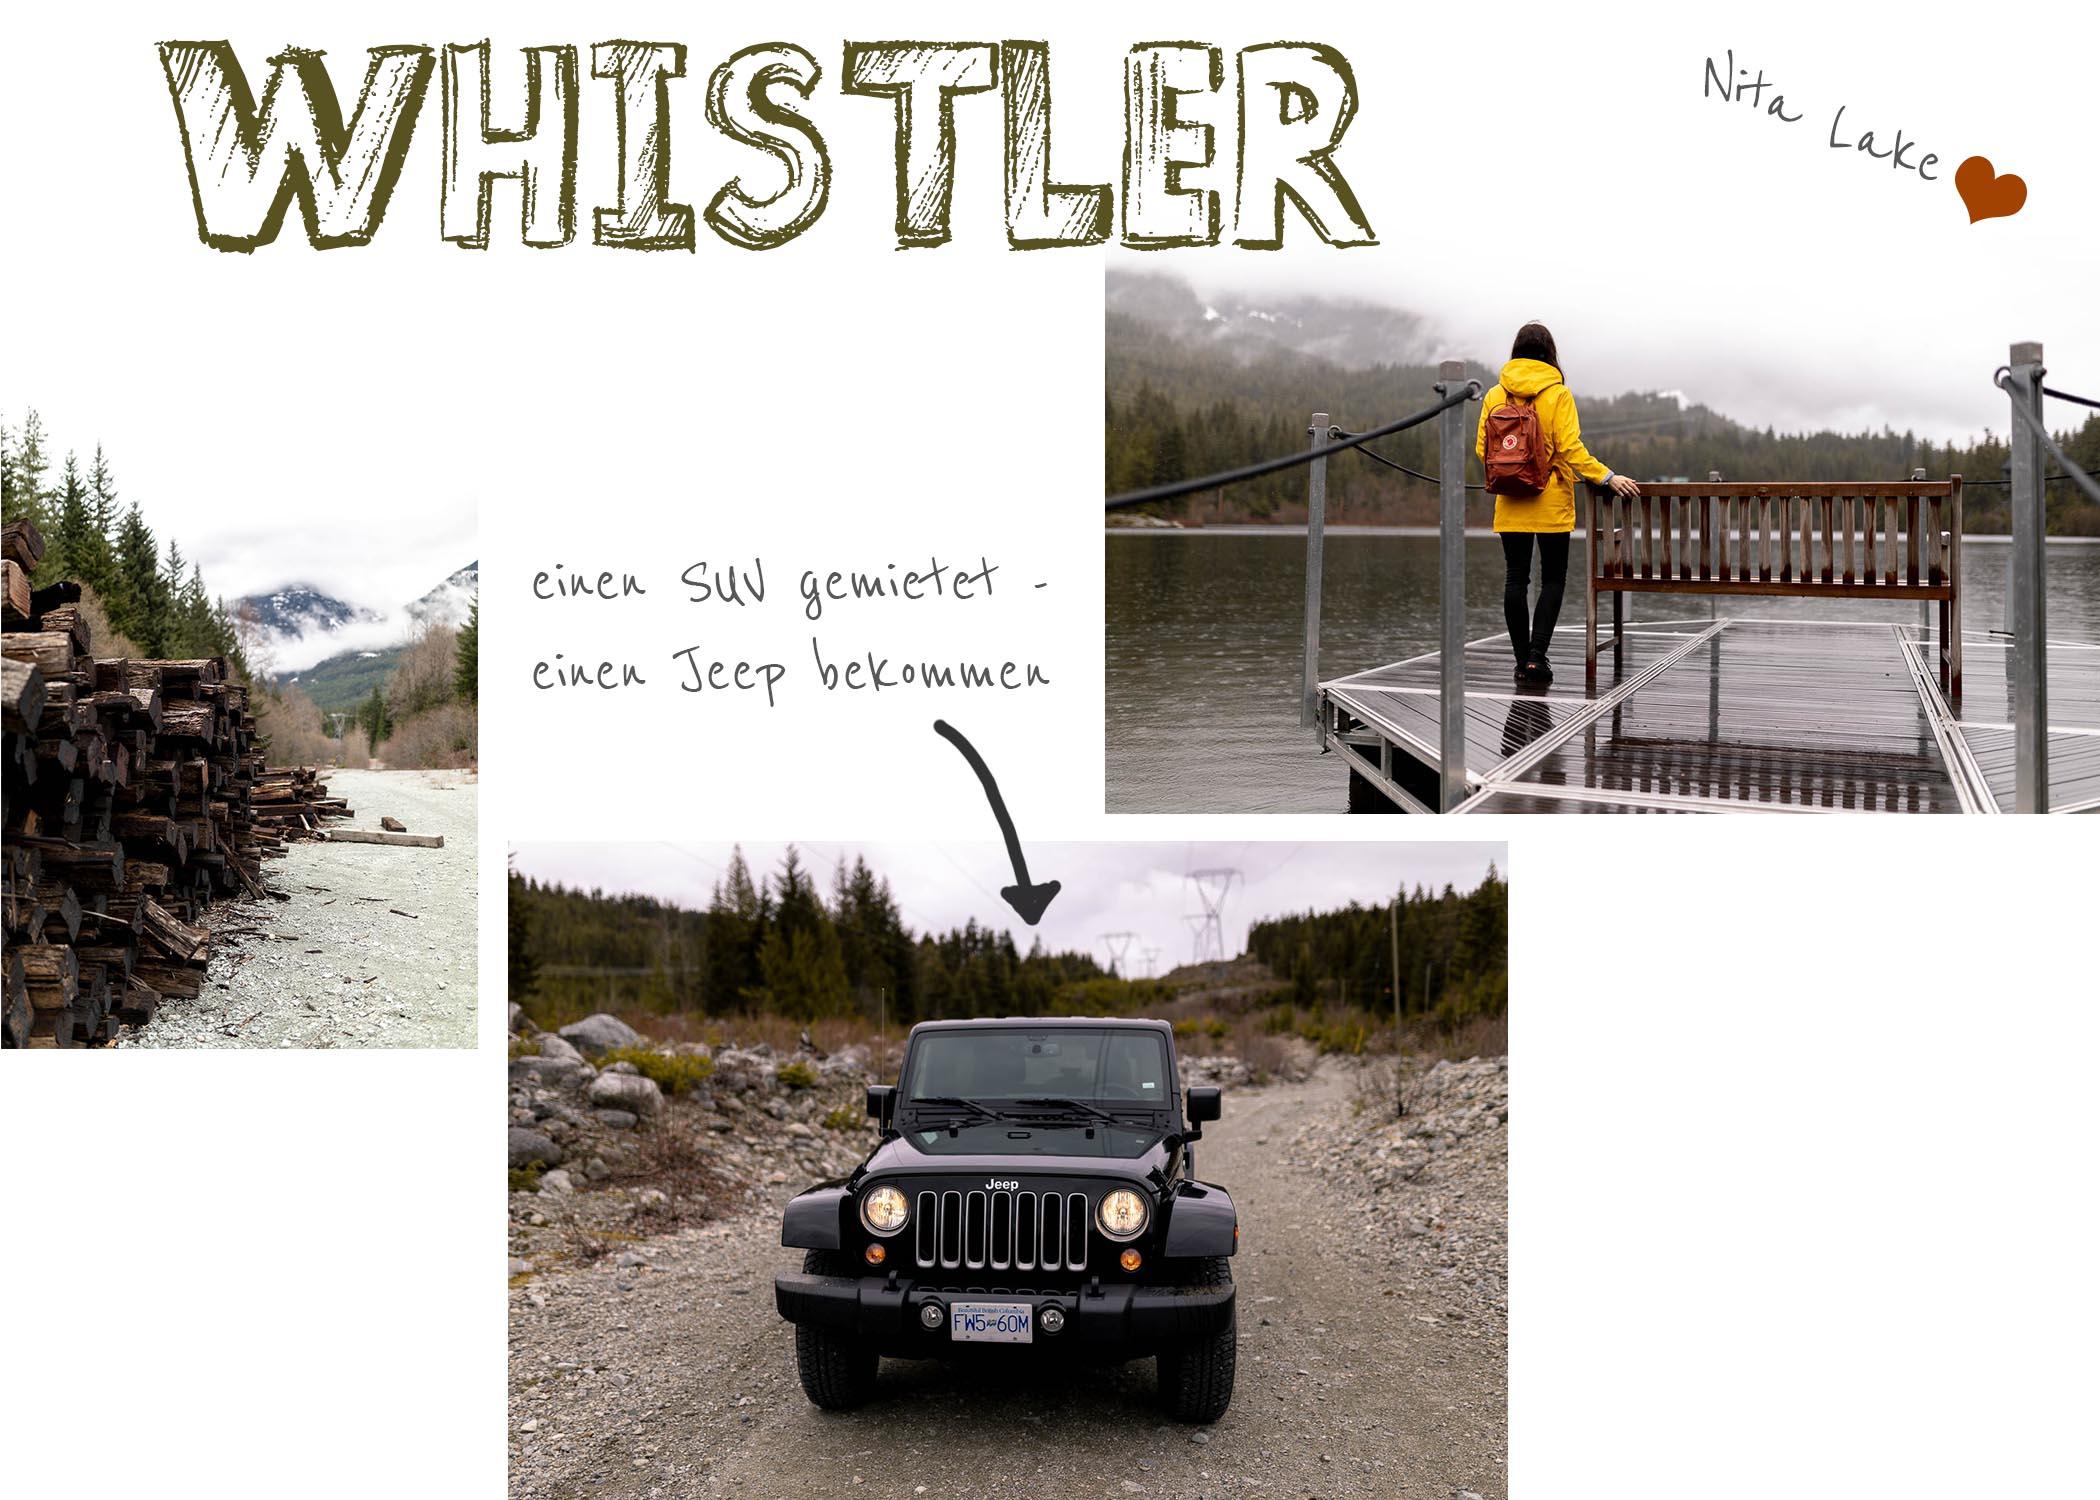 Whistler in Kanada , ein Roadtrip durch Kanadas Westen